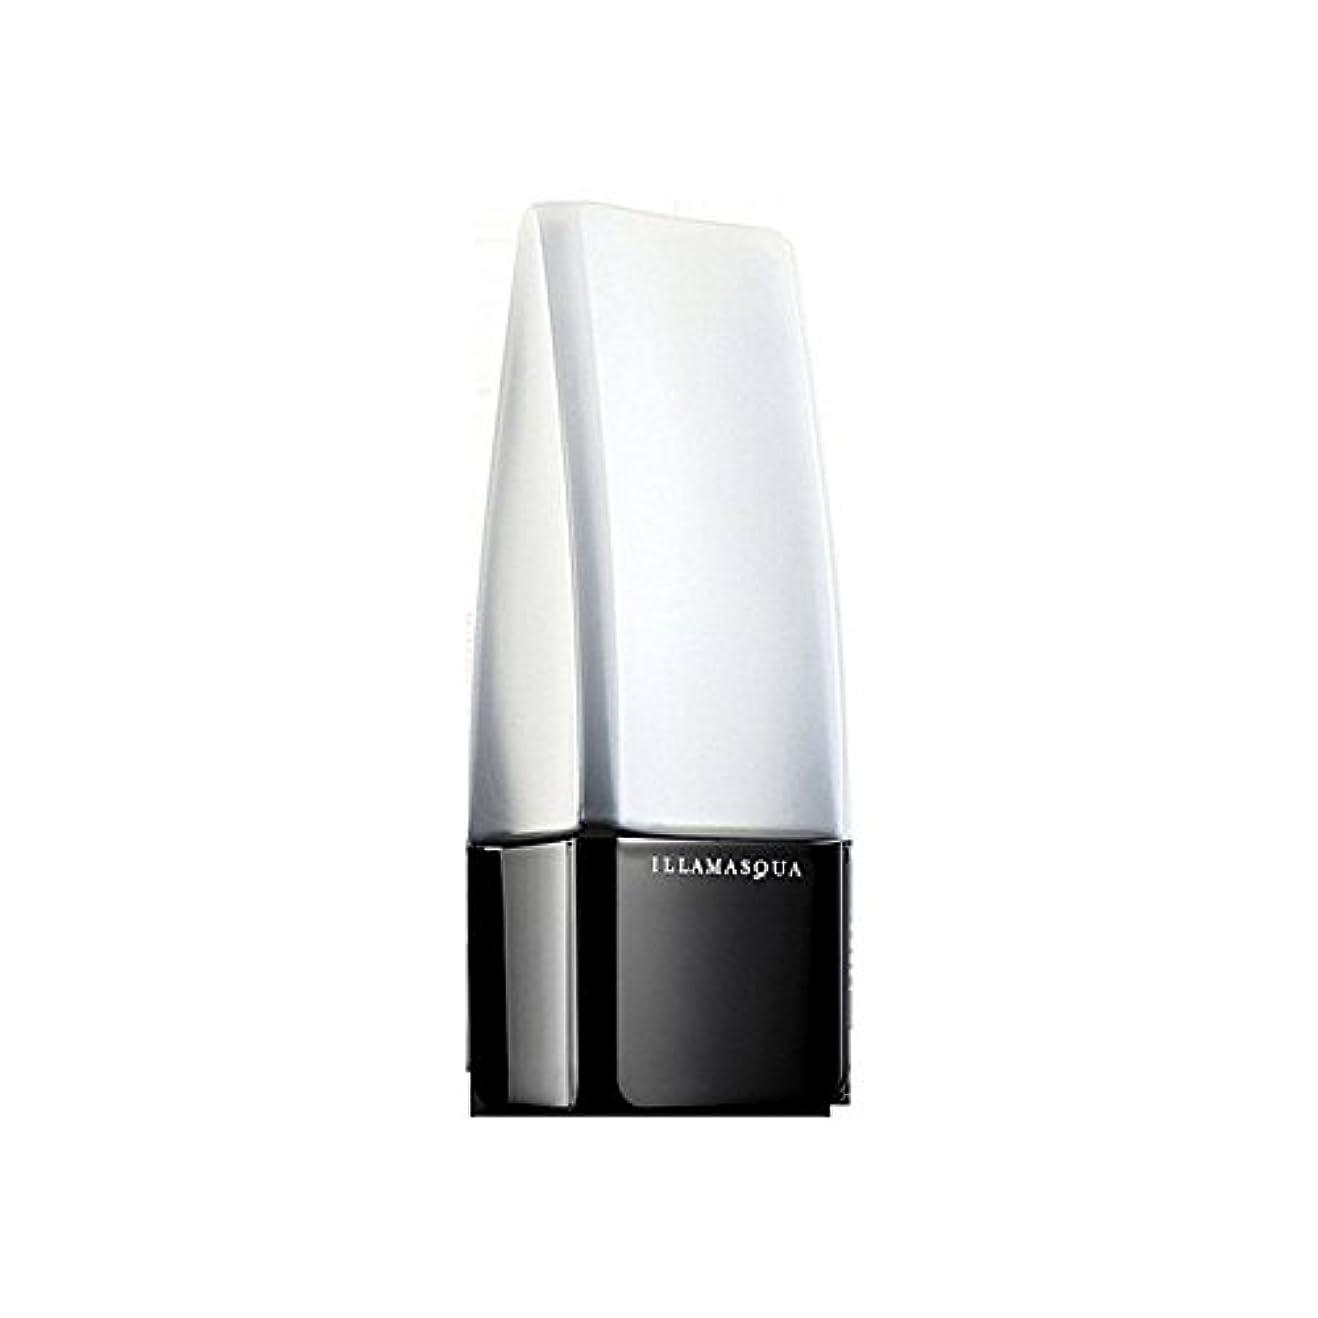 敵意分泌する装置マットプライマー 20 30ミリリットル x2 - Illamasqua Matt Primer Spf 20 30ml (Pack of 2) [並行輸入品]